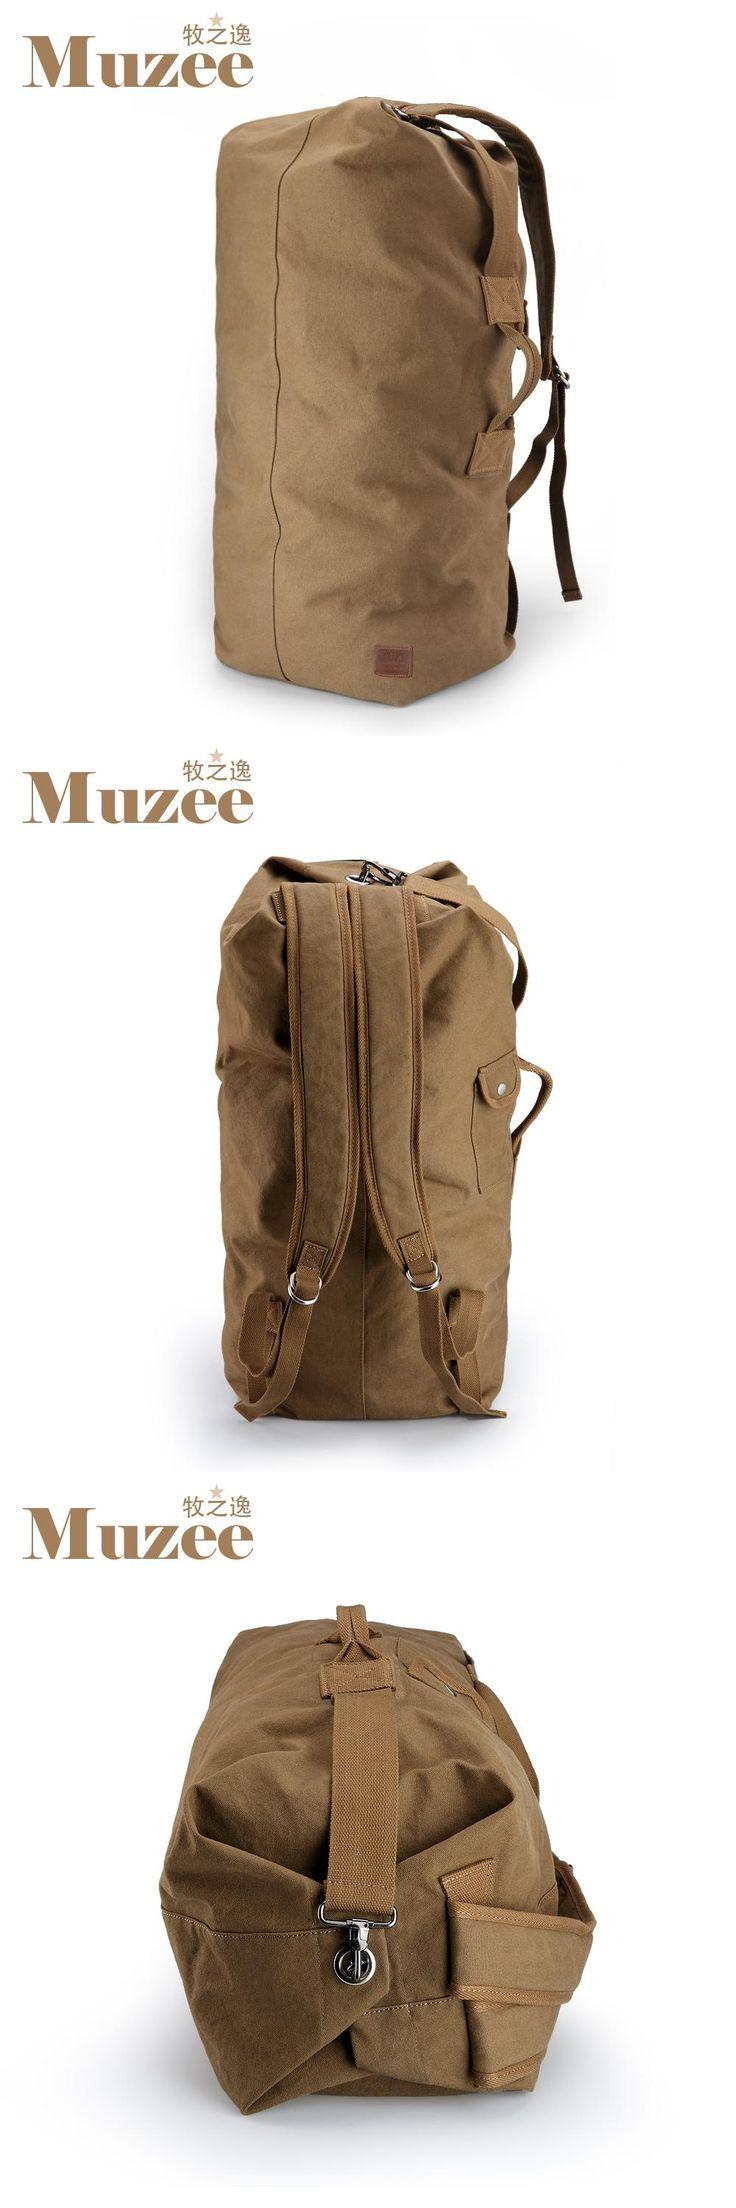 [Visit to Buy] Muzee Huge Travel Bag Large Capacity Men backpack  Canvas Weekend Bags Multifunctional Travel Bags #Advertisement